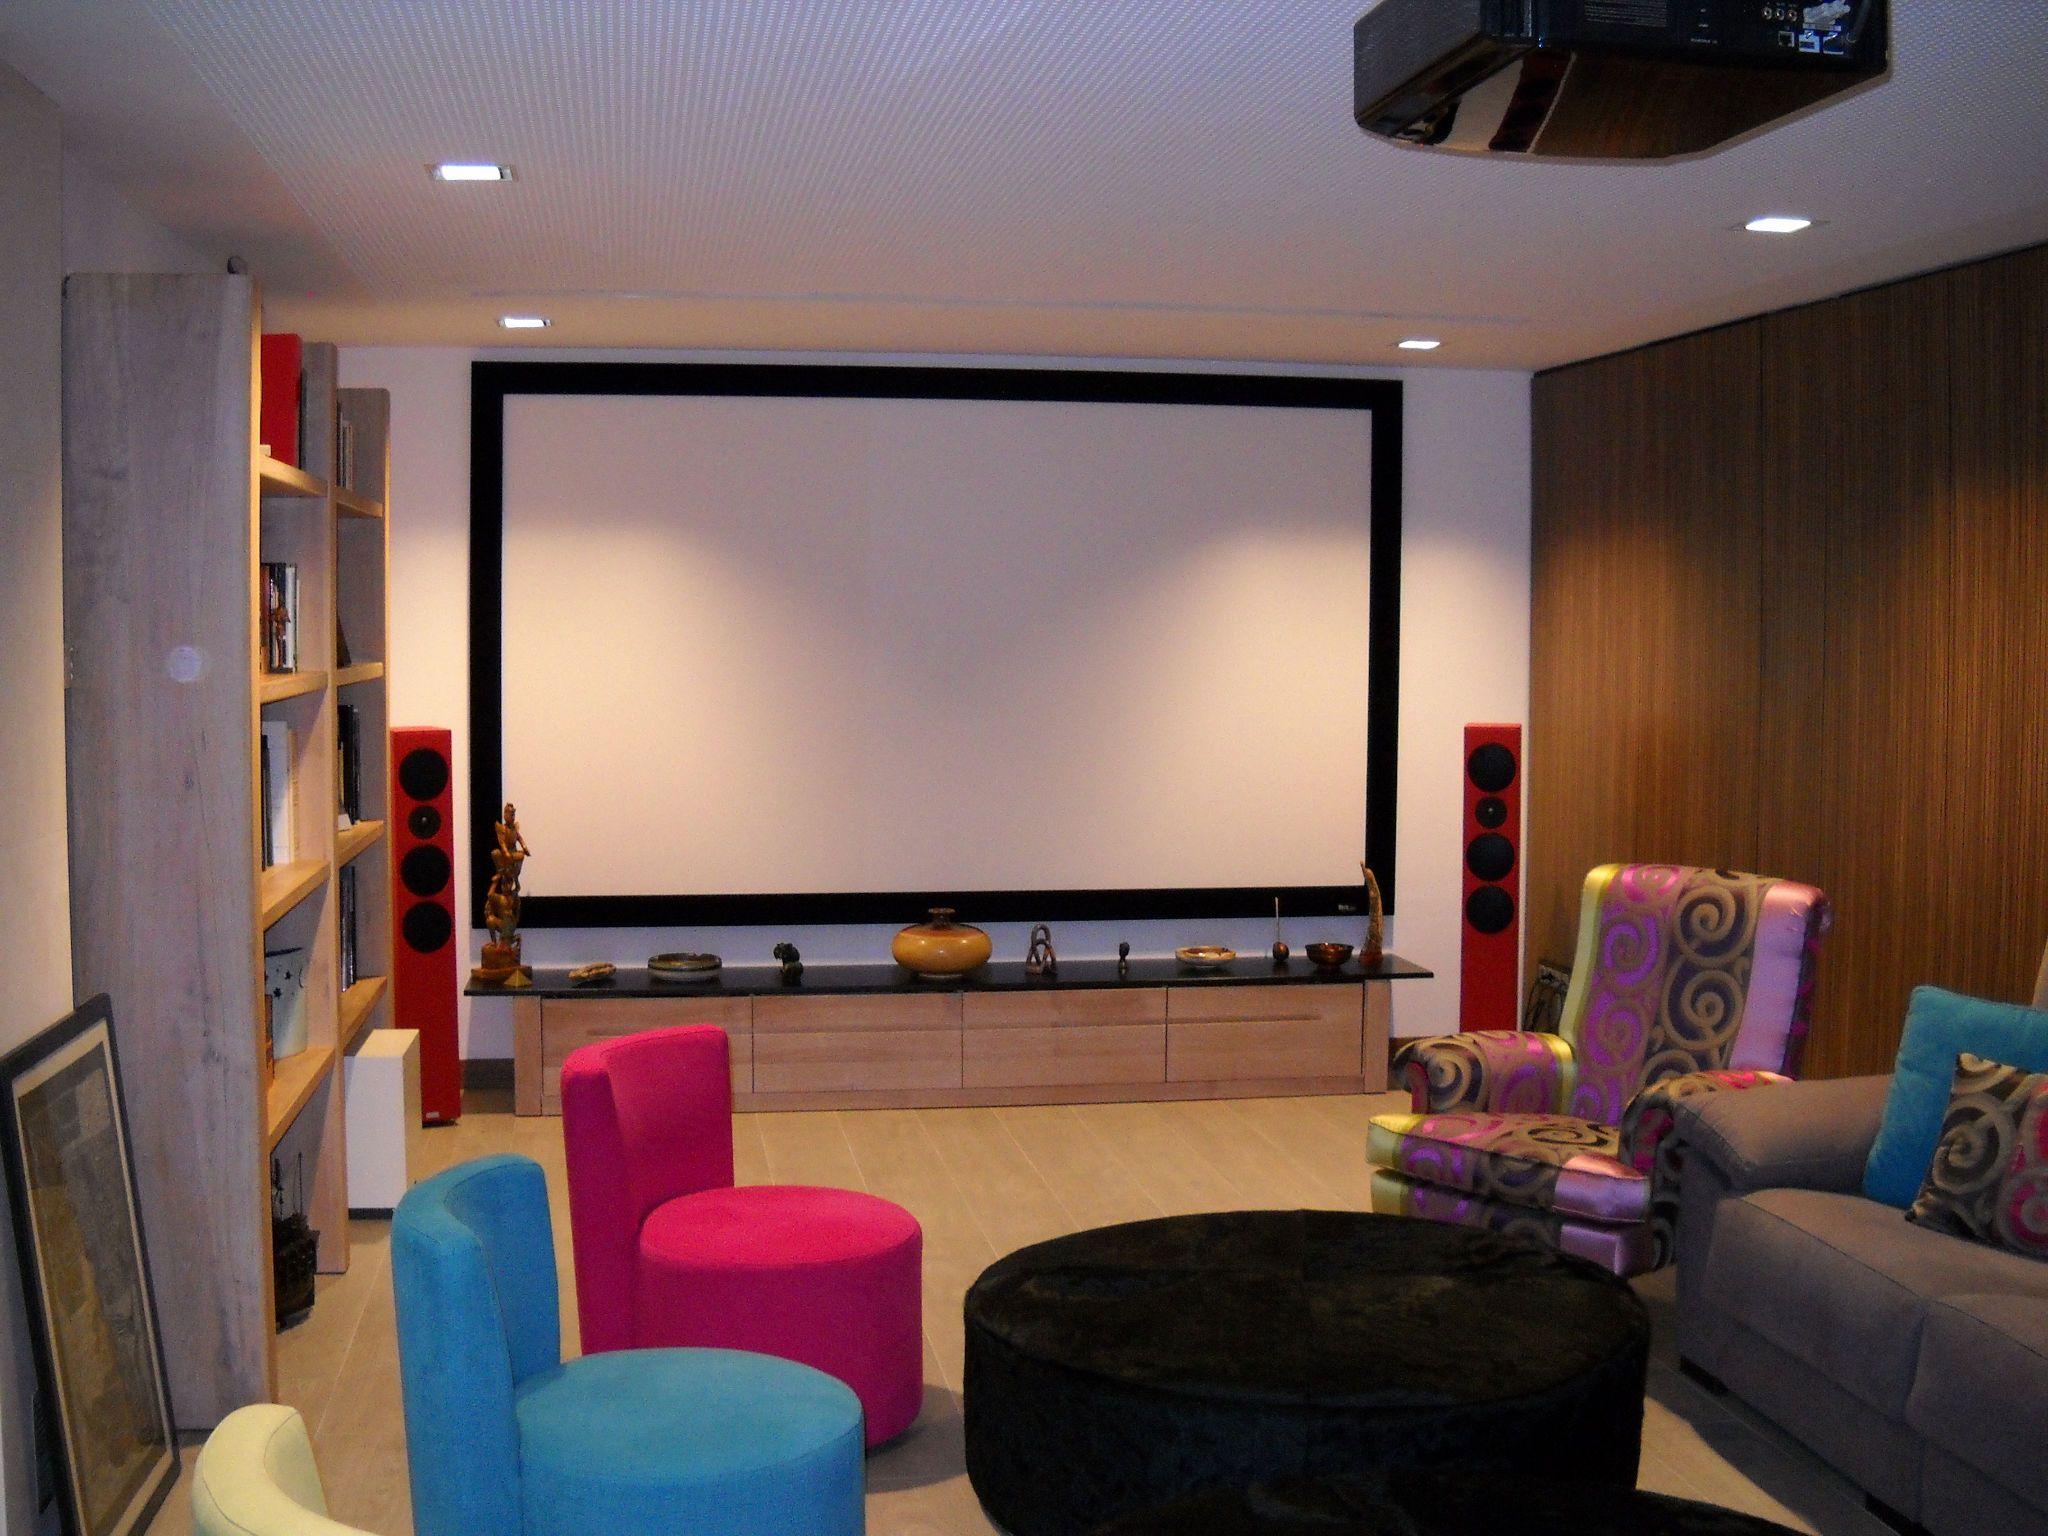 Te imaginas tener una sala de cine en casa te contamos como en 5 pasos - Sala de cine en casa ...